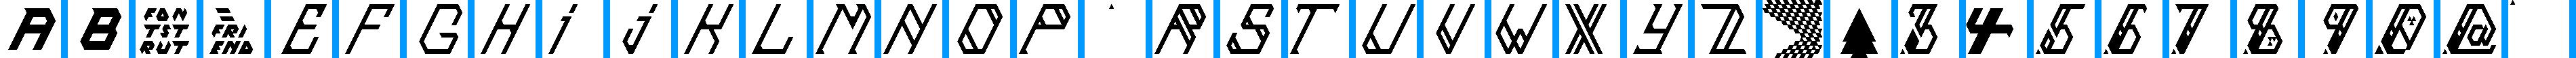 Particip-a-type v.336